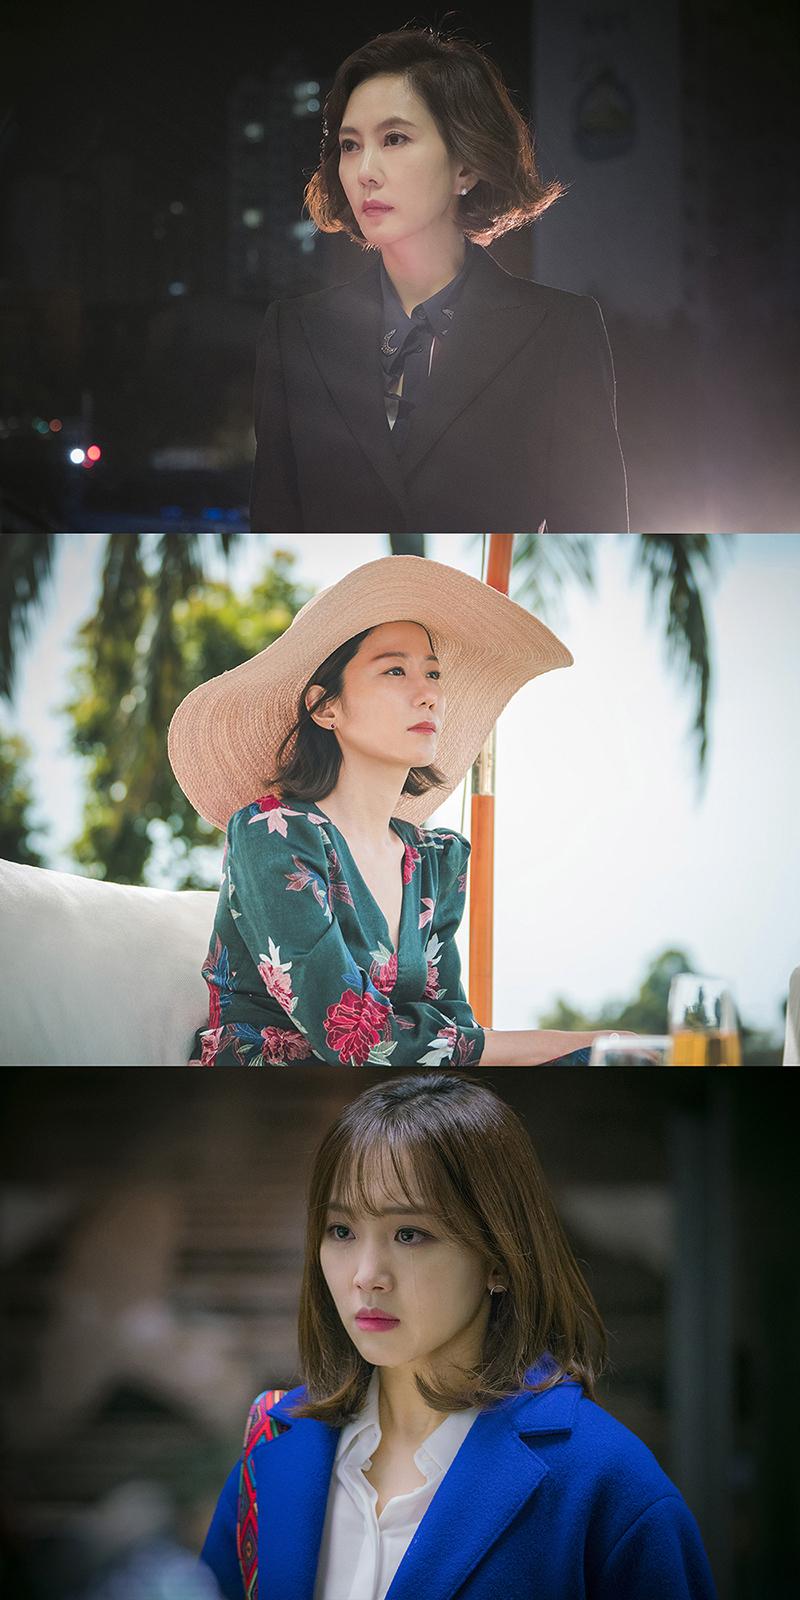 '미스티' 어차피 범인은 김남주!? 시청자들이 주목한 의심 인물 3人